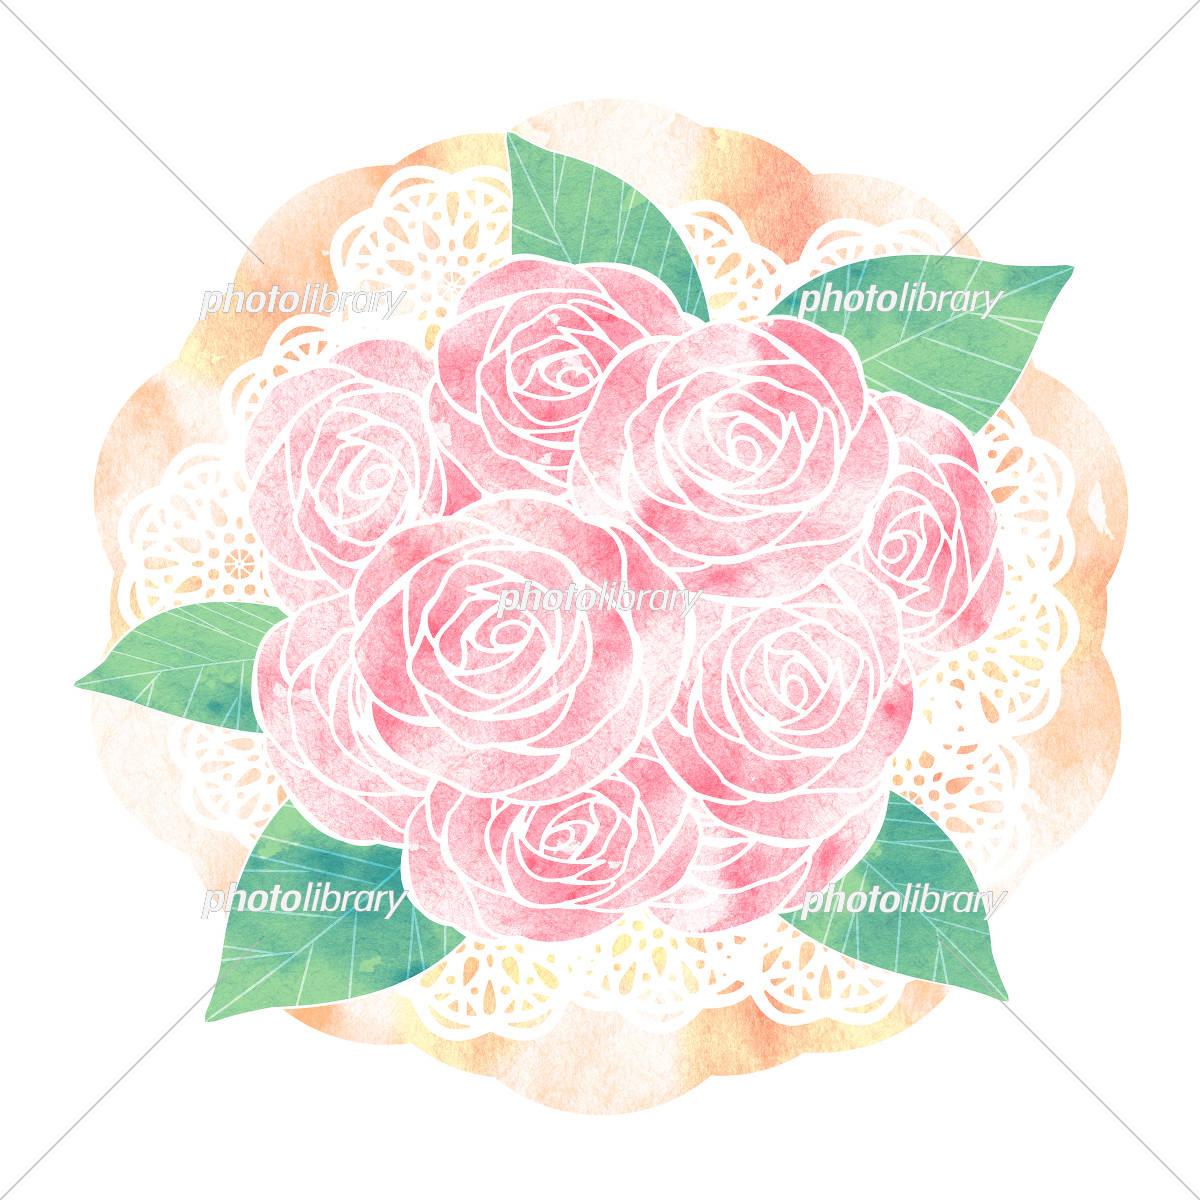 バラ花束 イラスト素材 5244842 フォトライブラリー Photolibrary